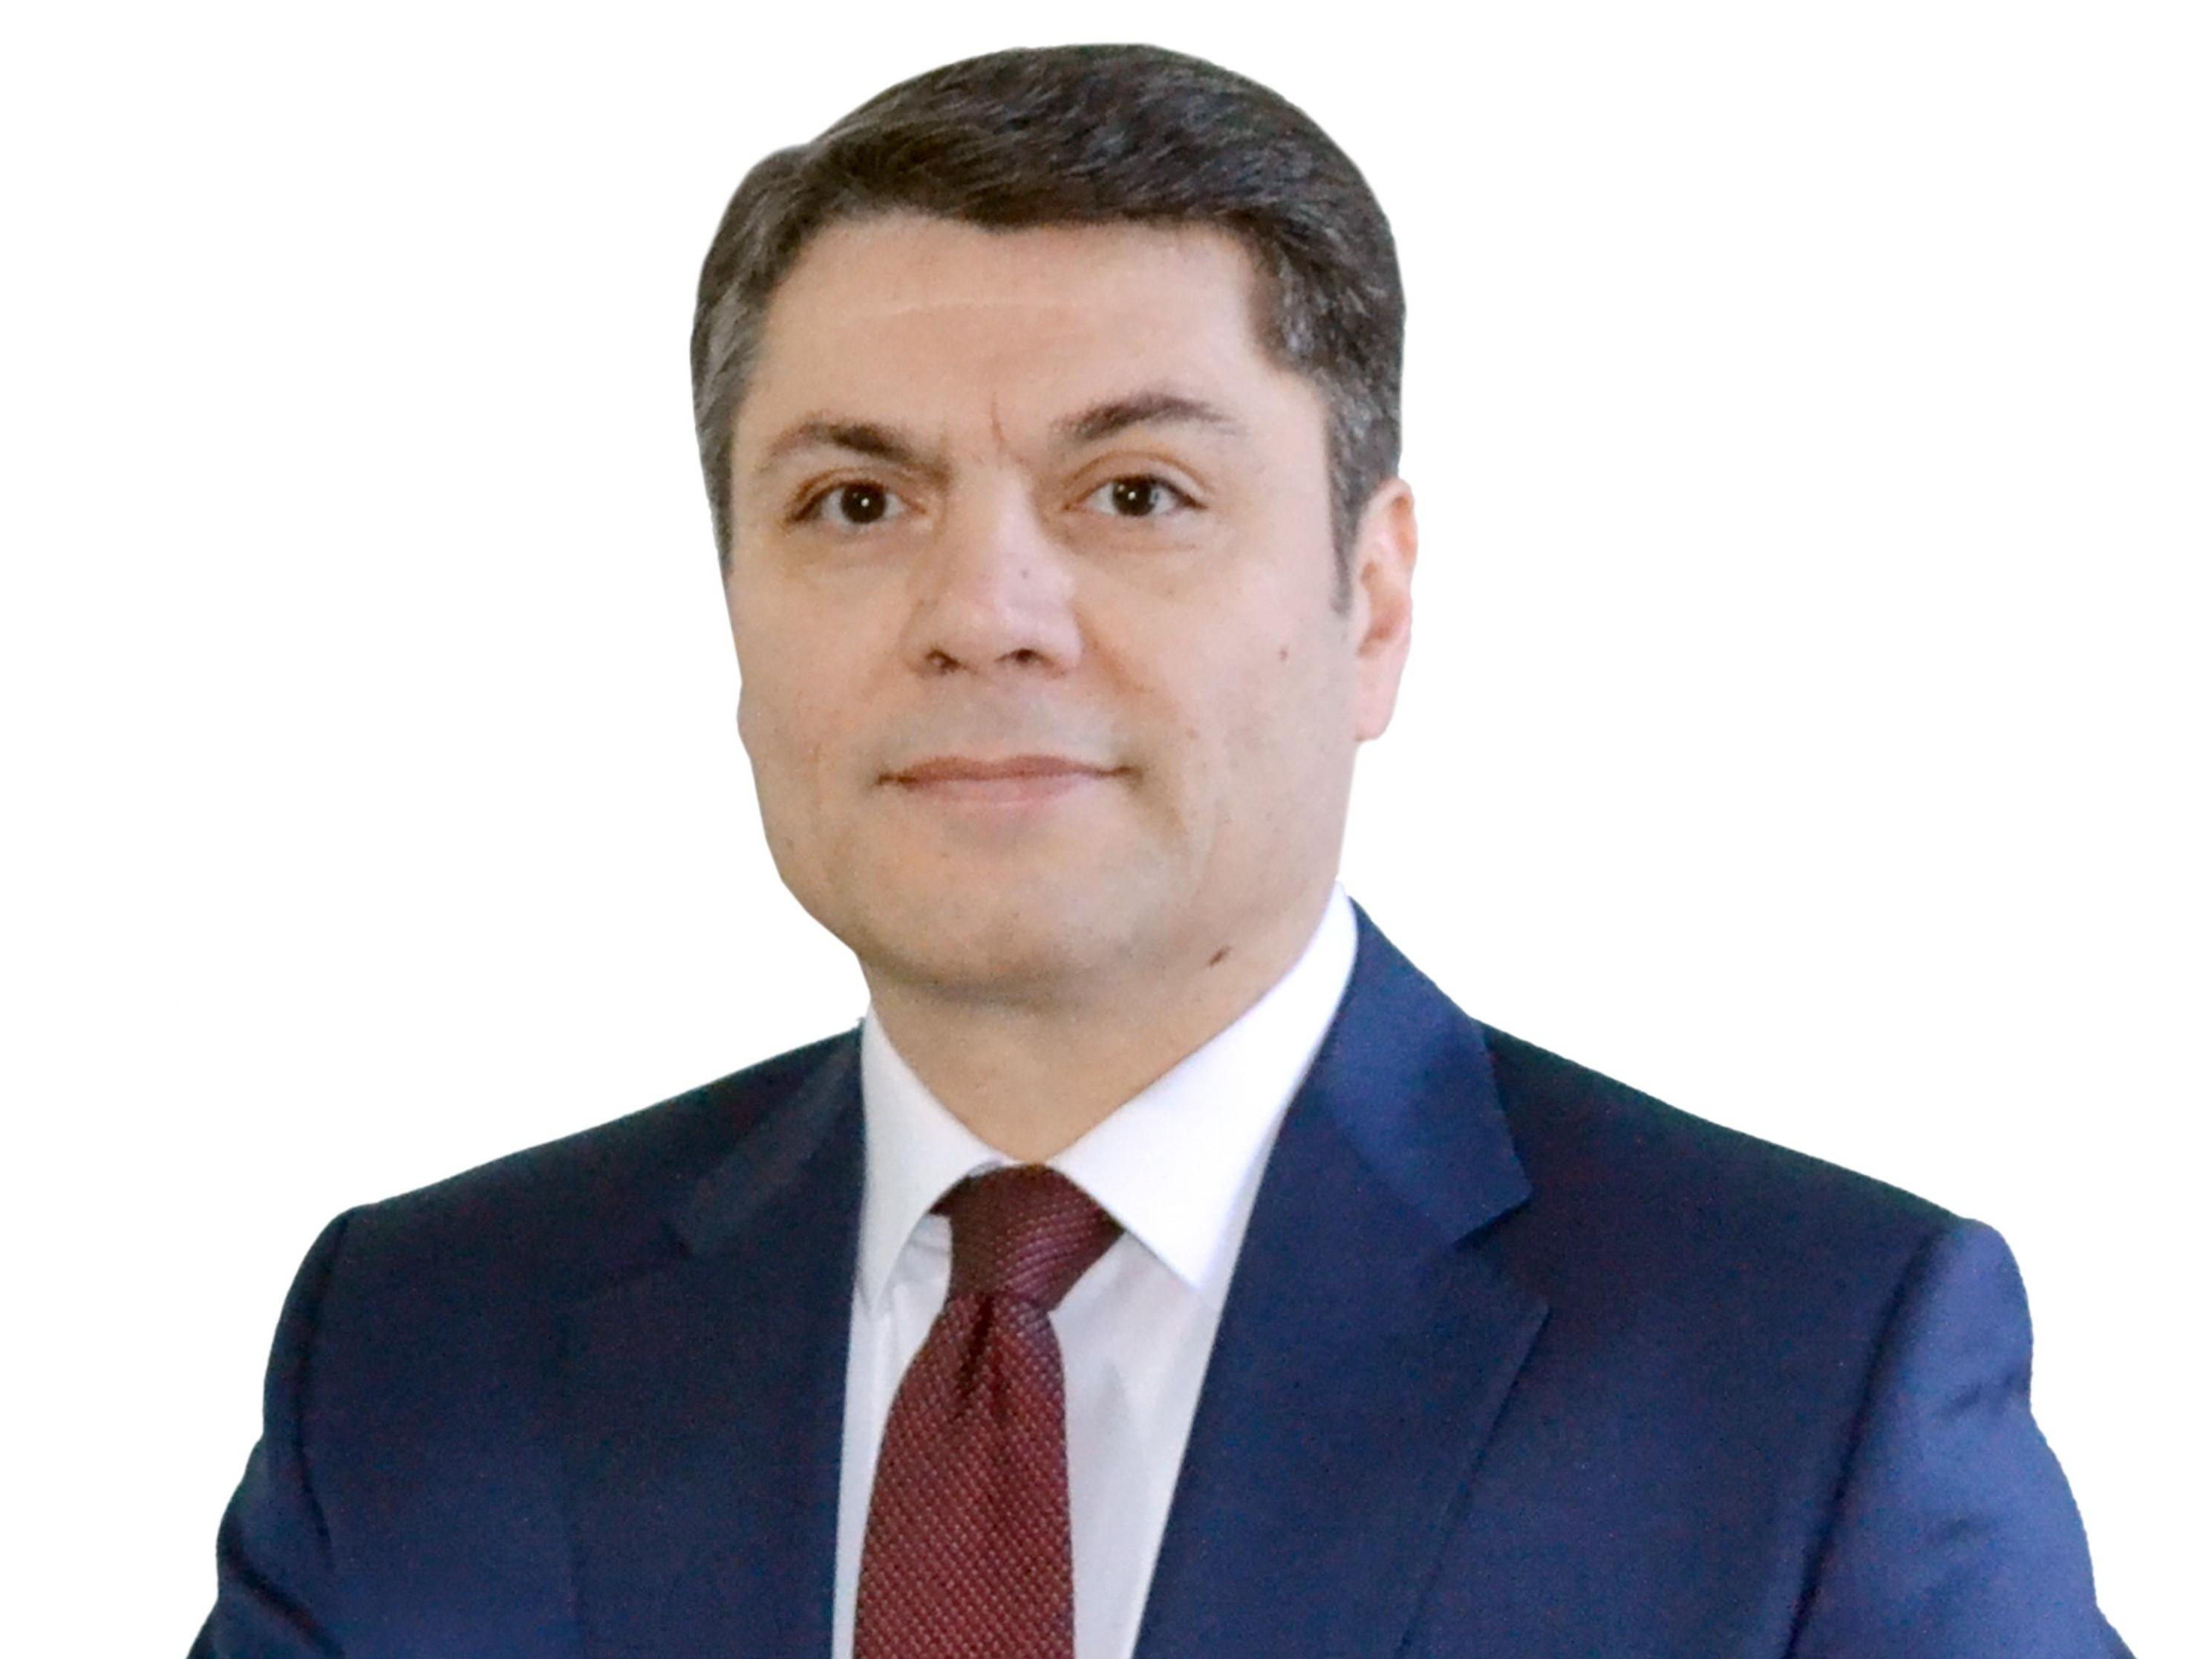 Мазахир Эфендиев. Роль СМИ в борьбе с коронавирусом и новые вызовы